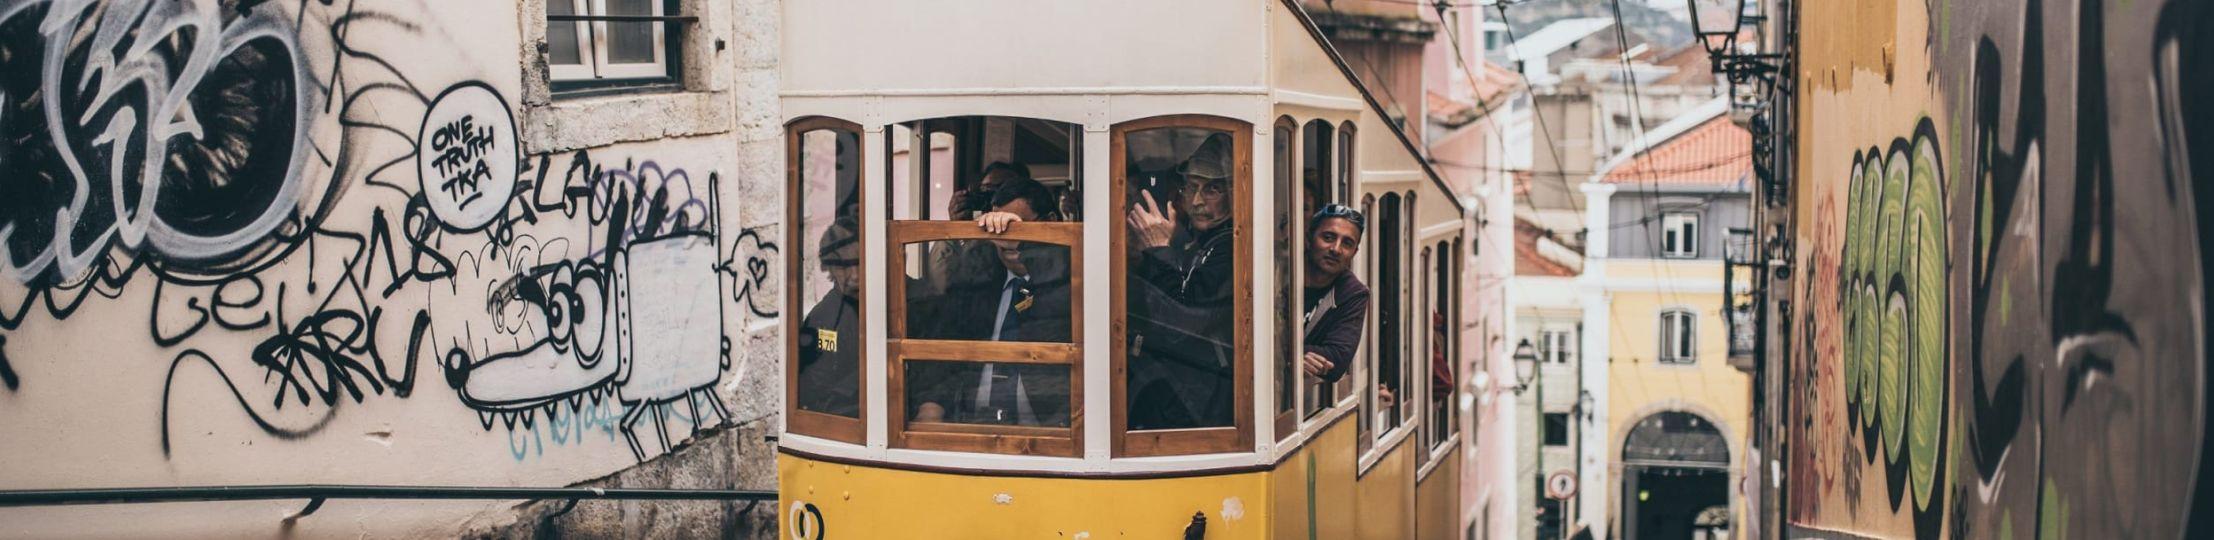 Os Nossos Artistas em Lisboa